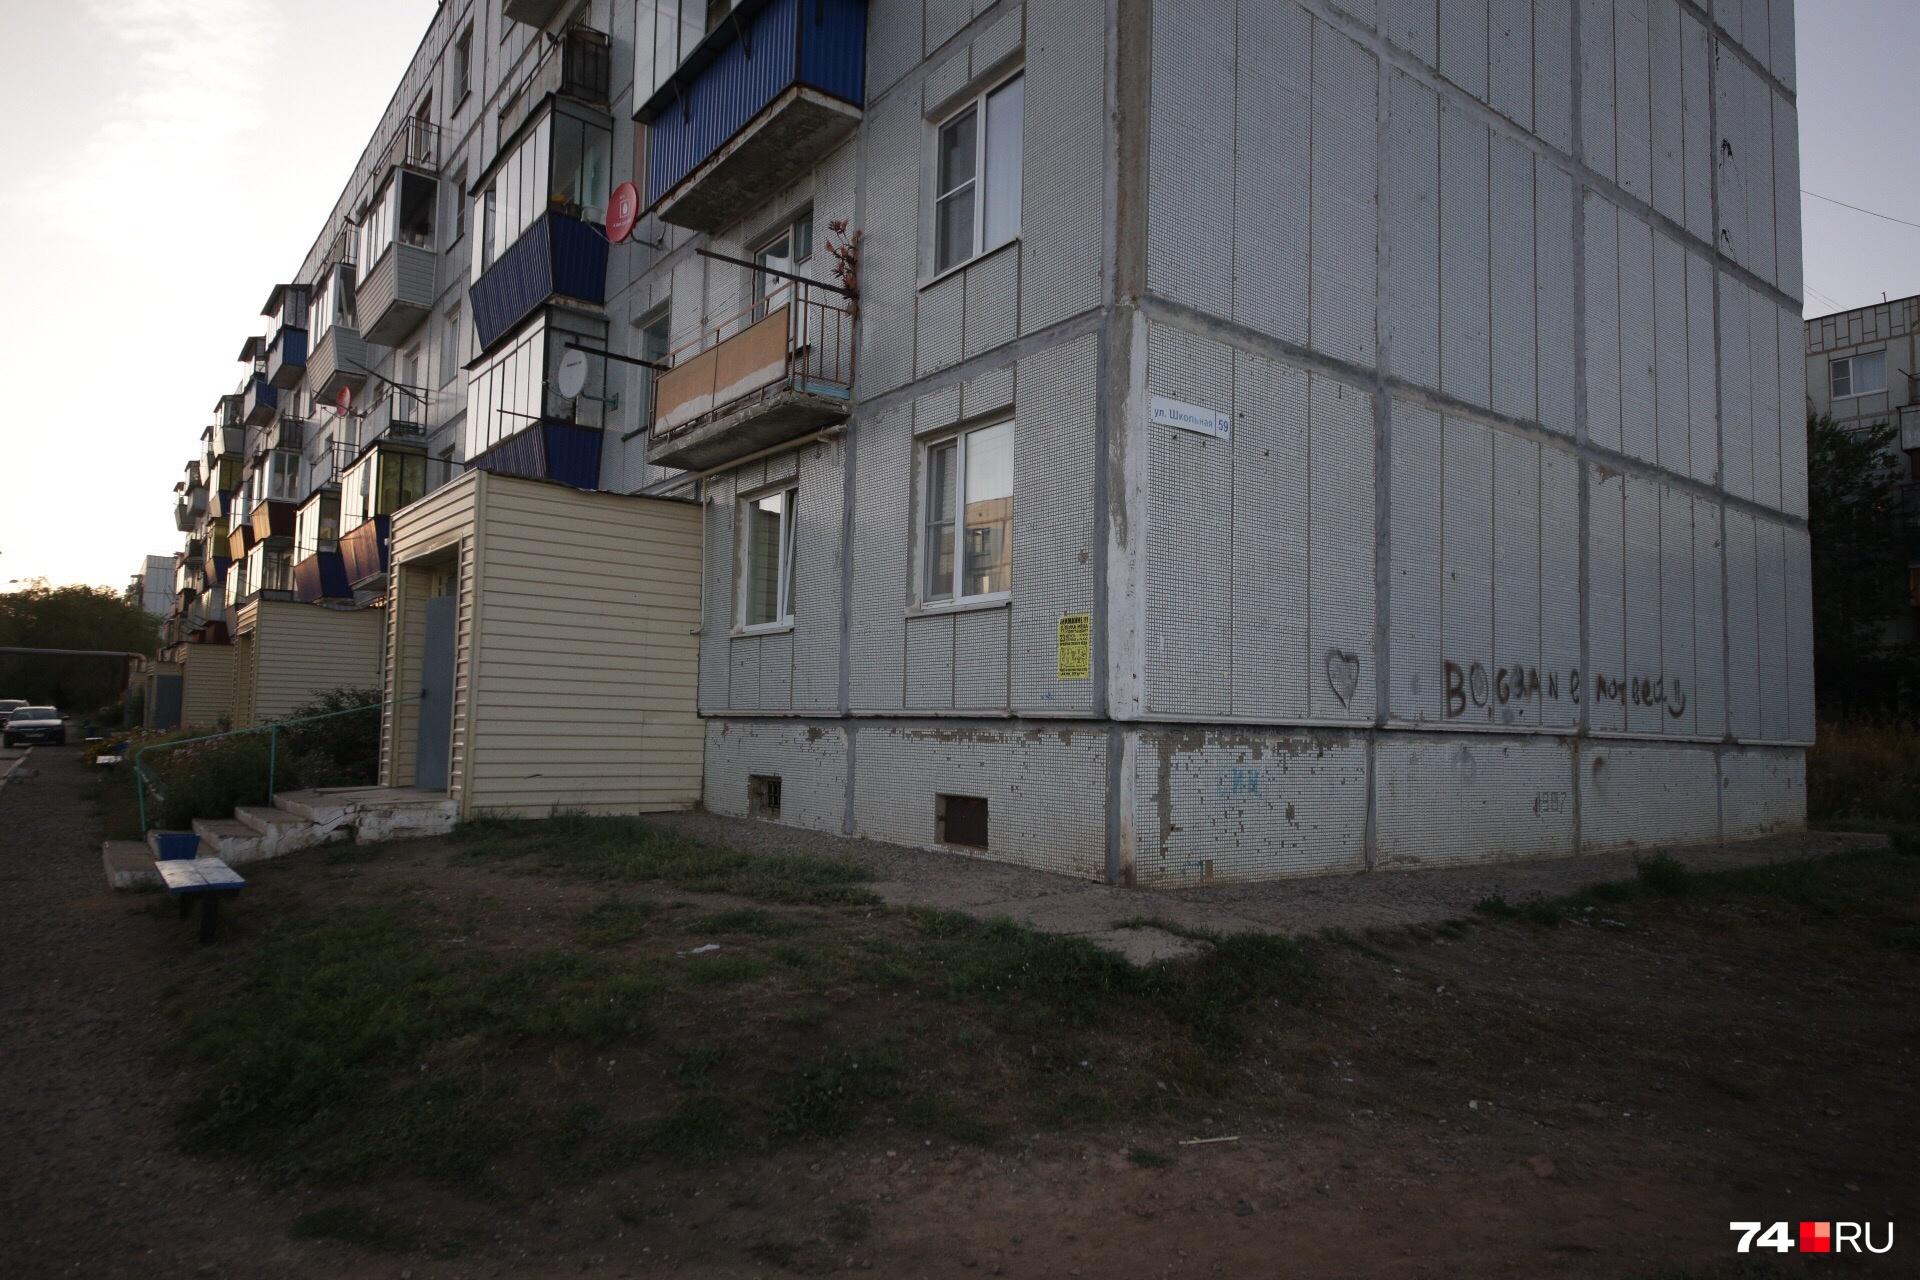 В этом доме жили Зариповы, здесь же 21 августа глава семьи устроил кровавую расправу над женой